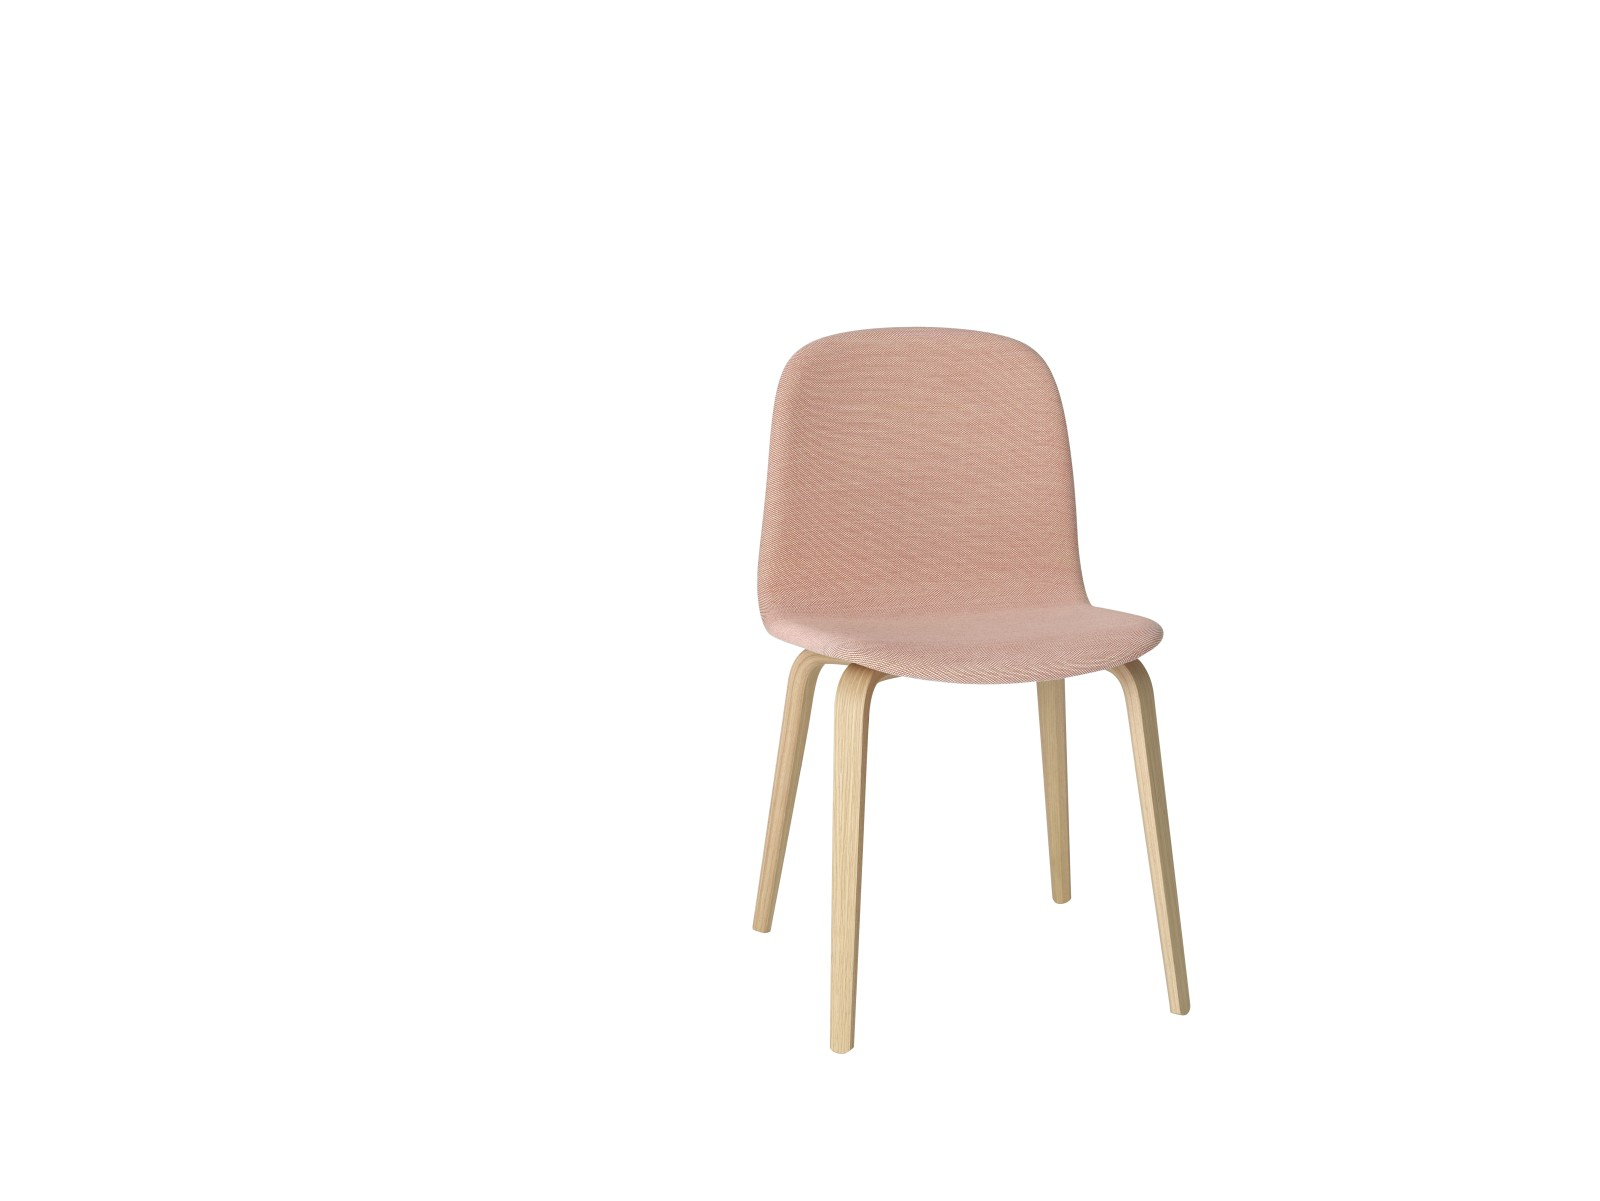 Visu Chair Wood Base - Textile Shell Steelcut Trio 515 / Oak